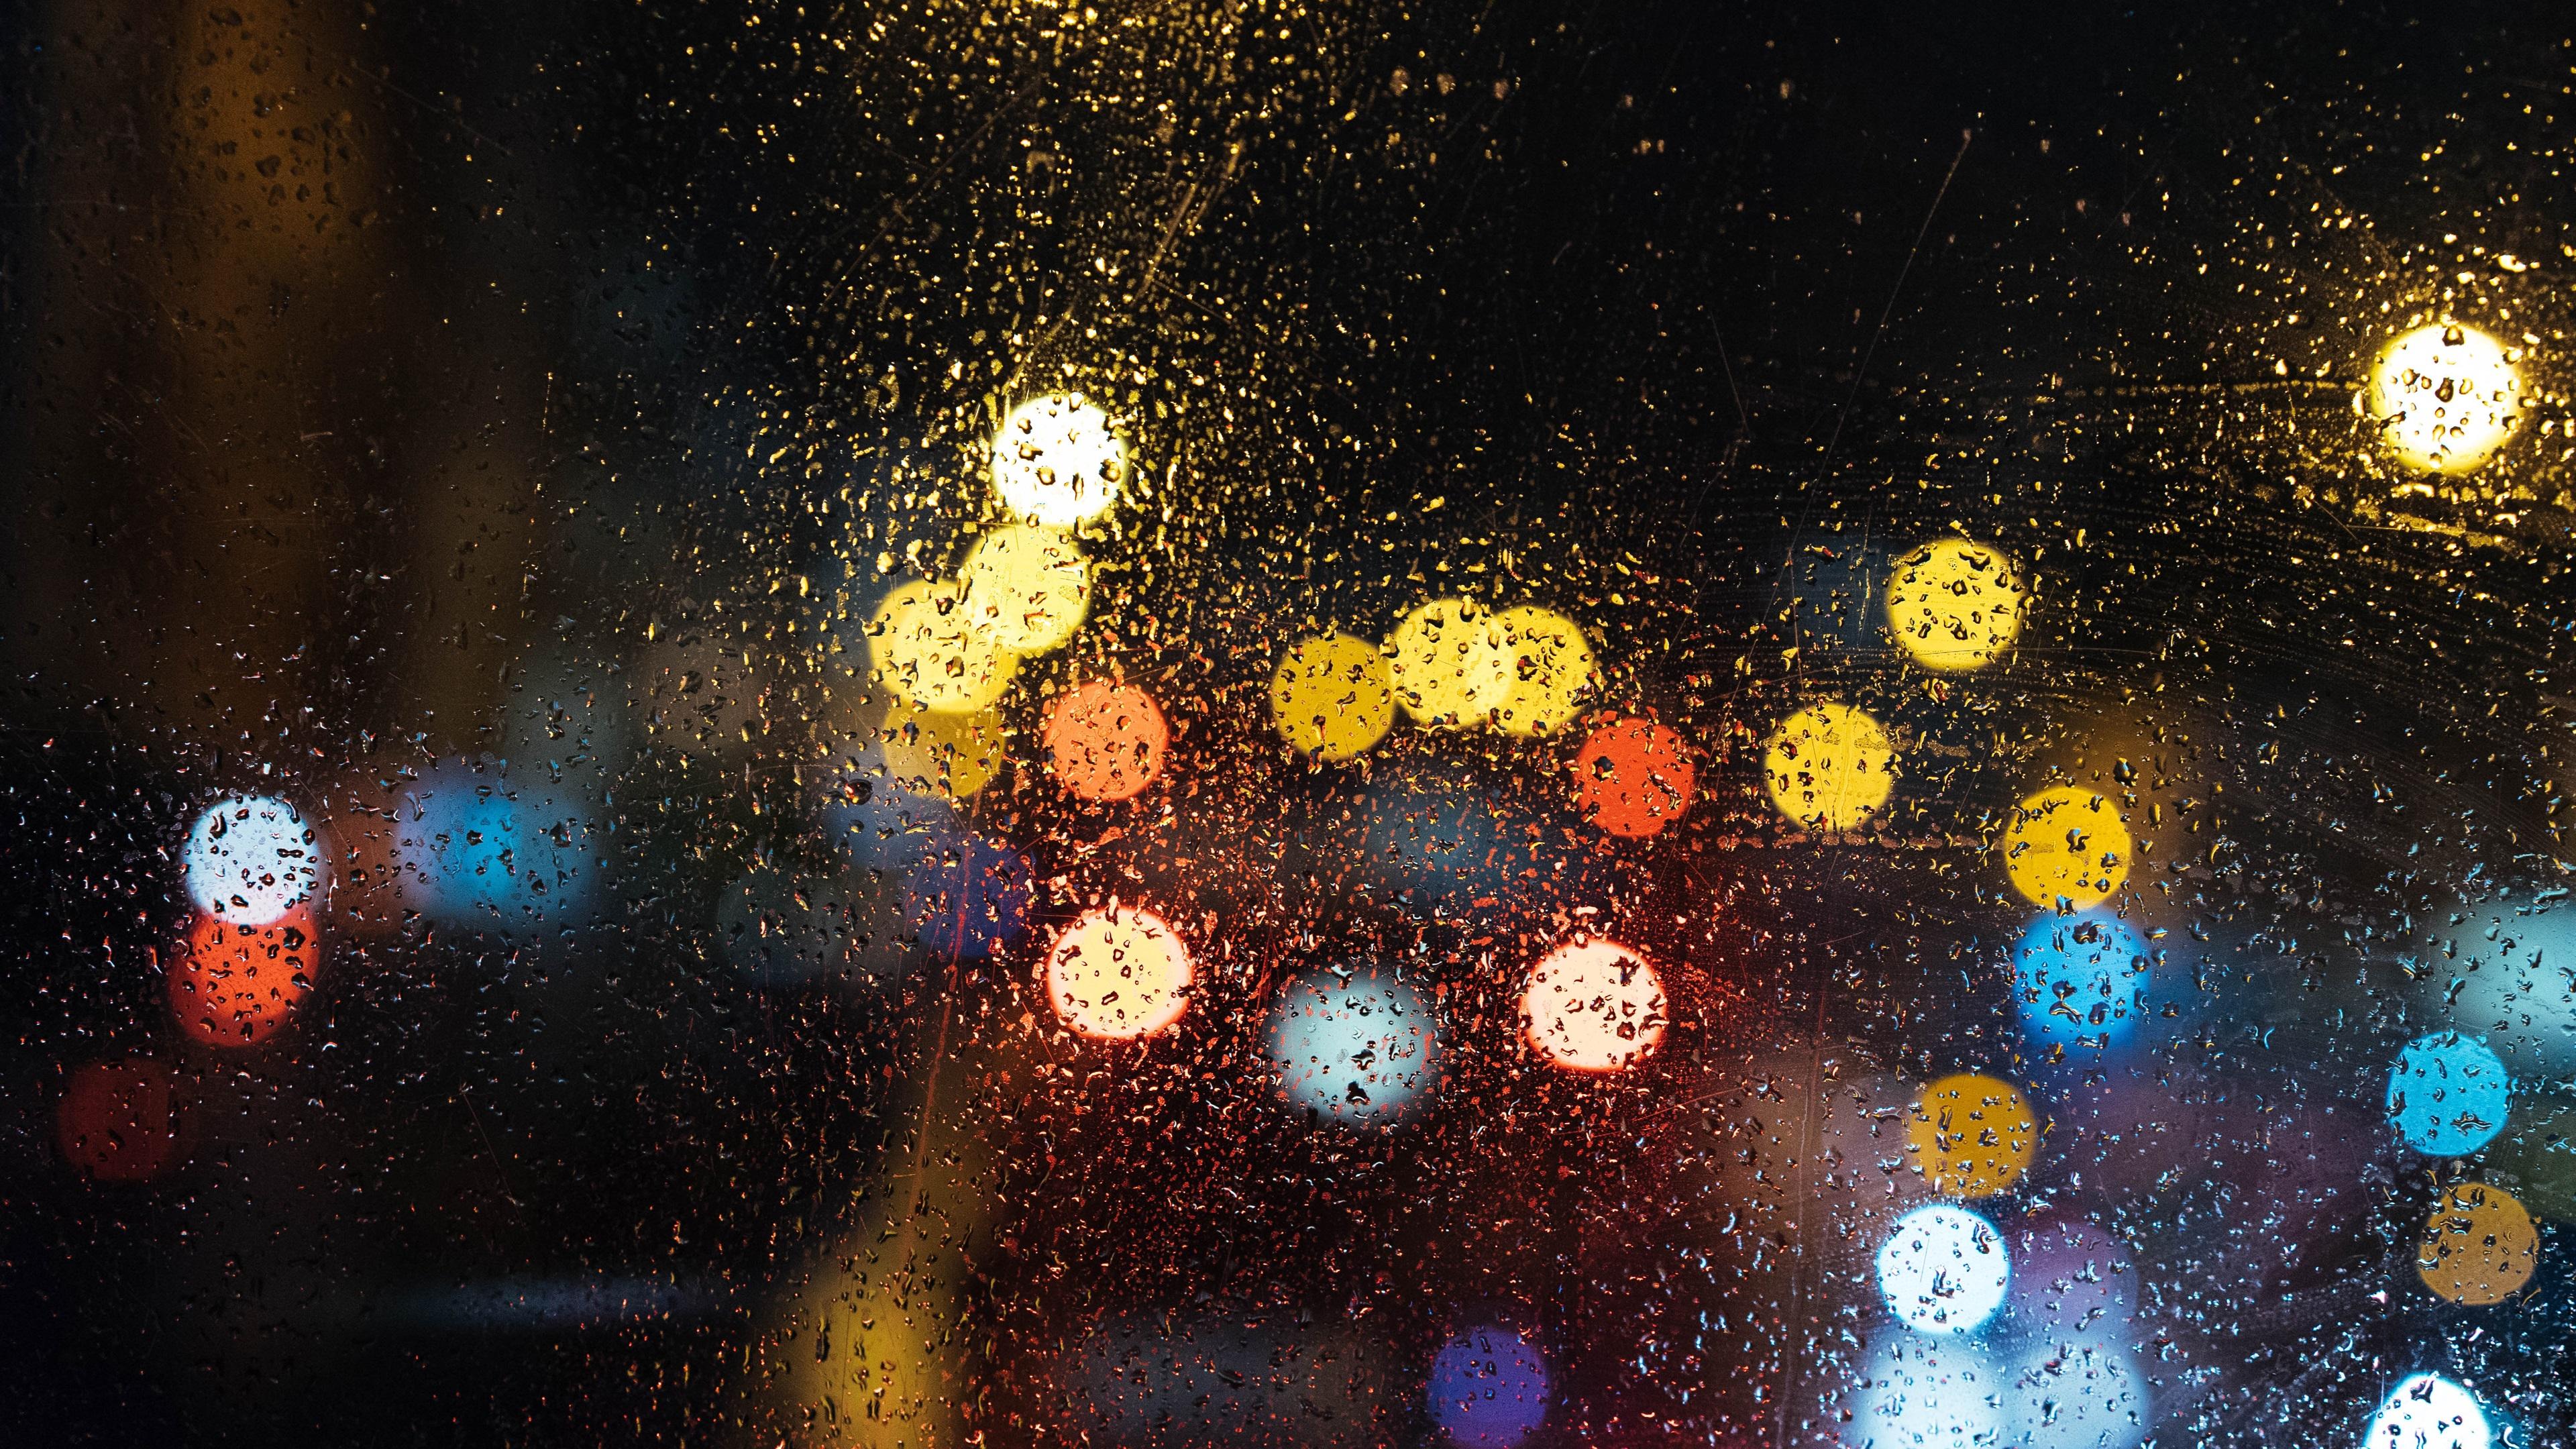 壁紙 雨の日、夜、ガラス、水滴、ライトサークル 3840x2160 Uhd 4k 無料のデスクトップの背景 画像